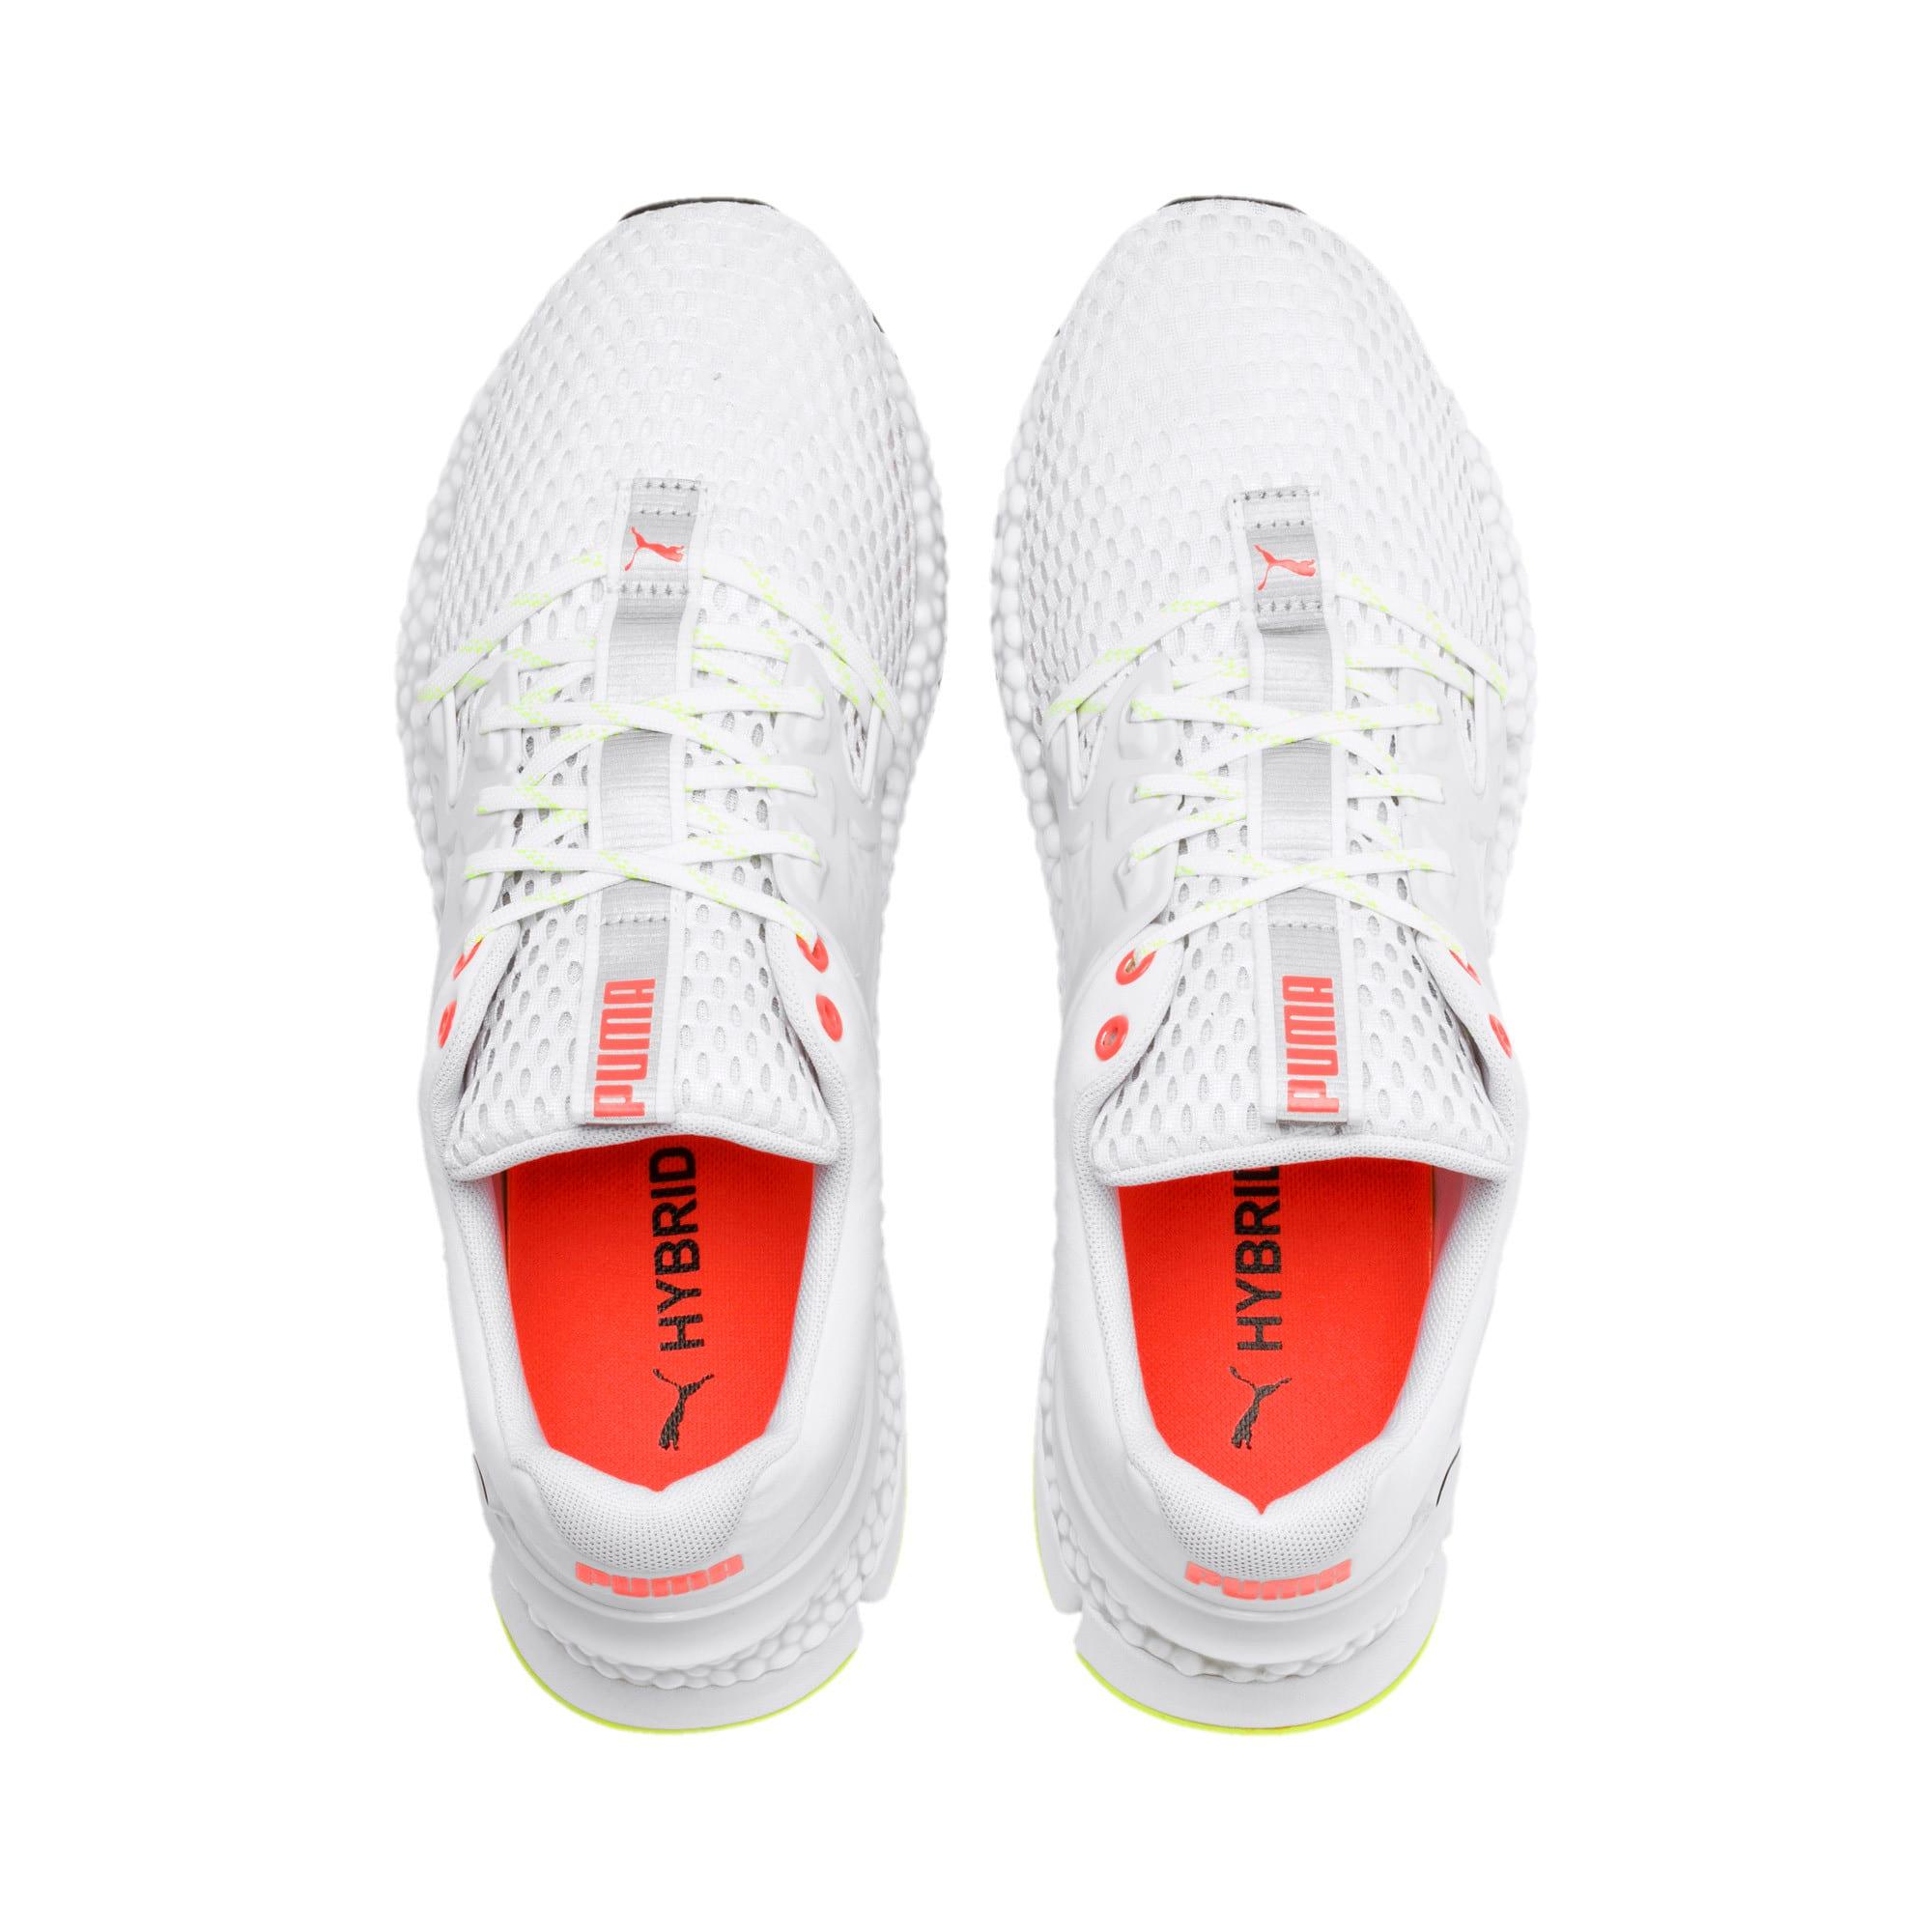 Thumbnail 7 of HYBRID Sky Men's Running Shoes, White-Black-Nrgy Red, medium